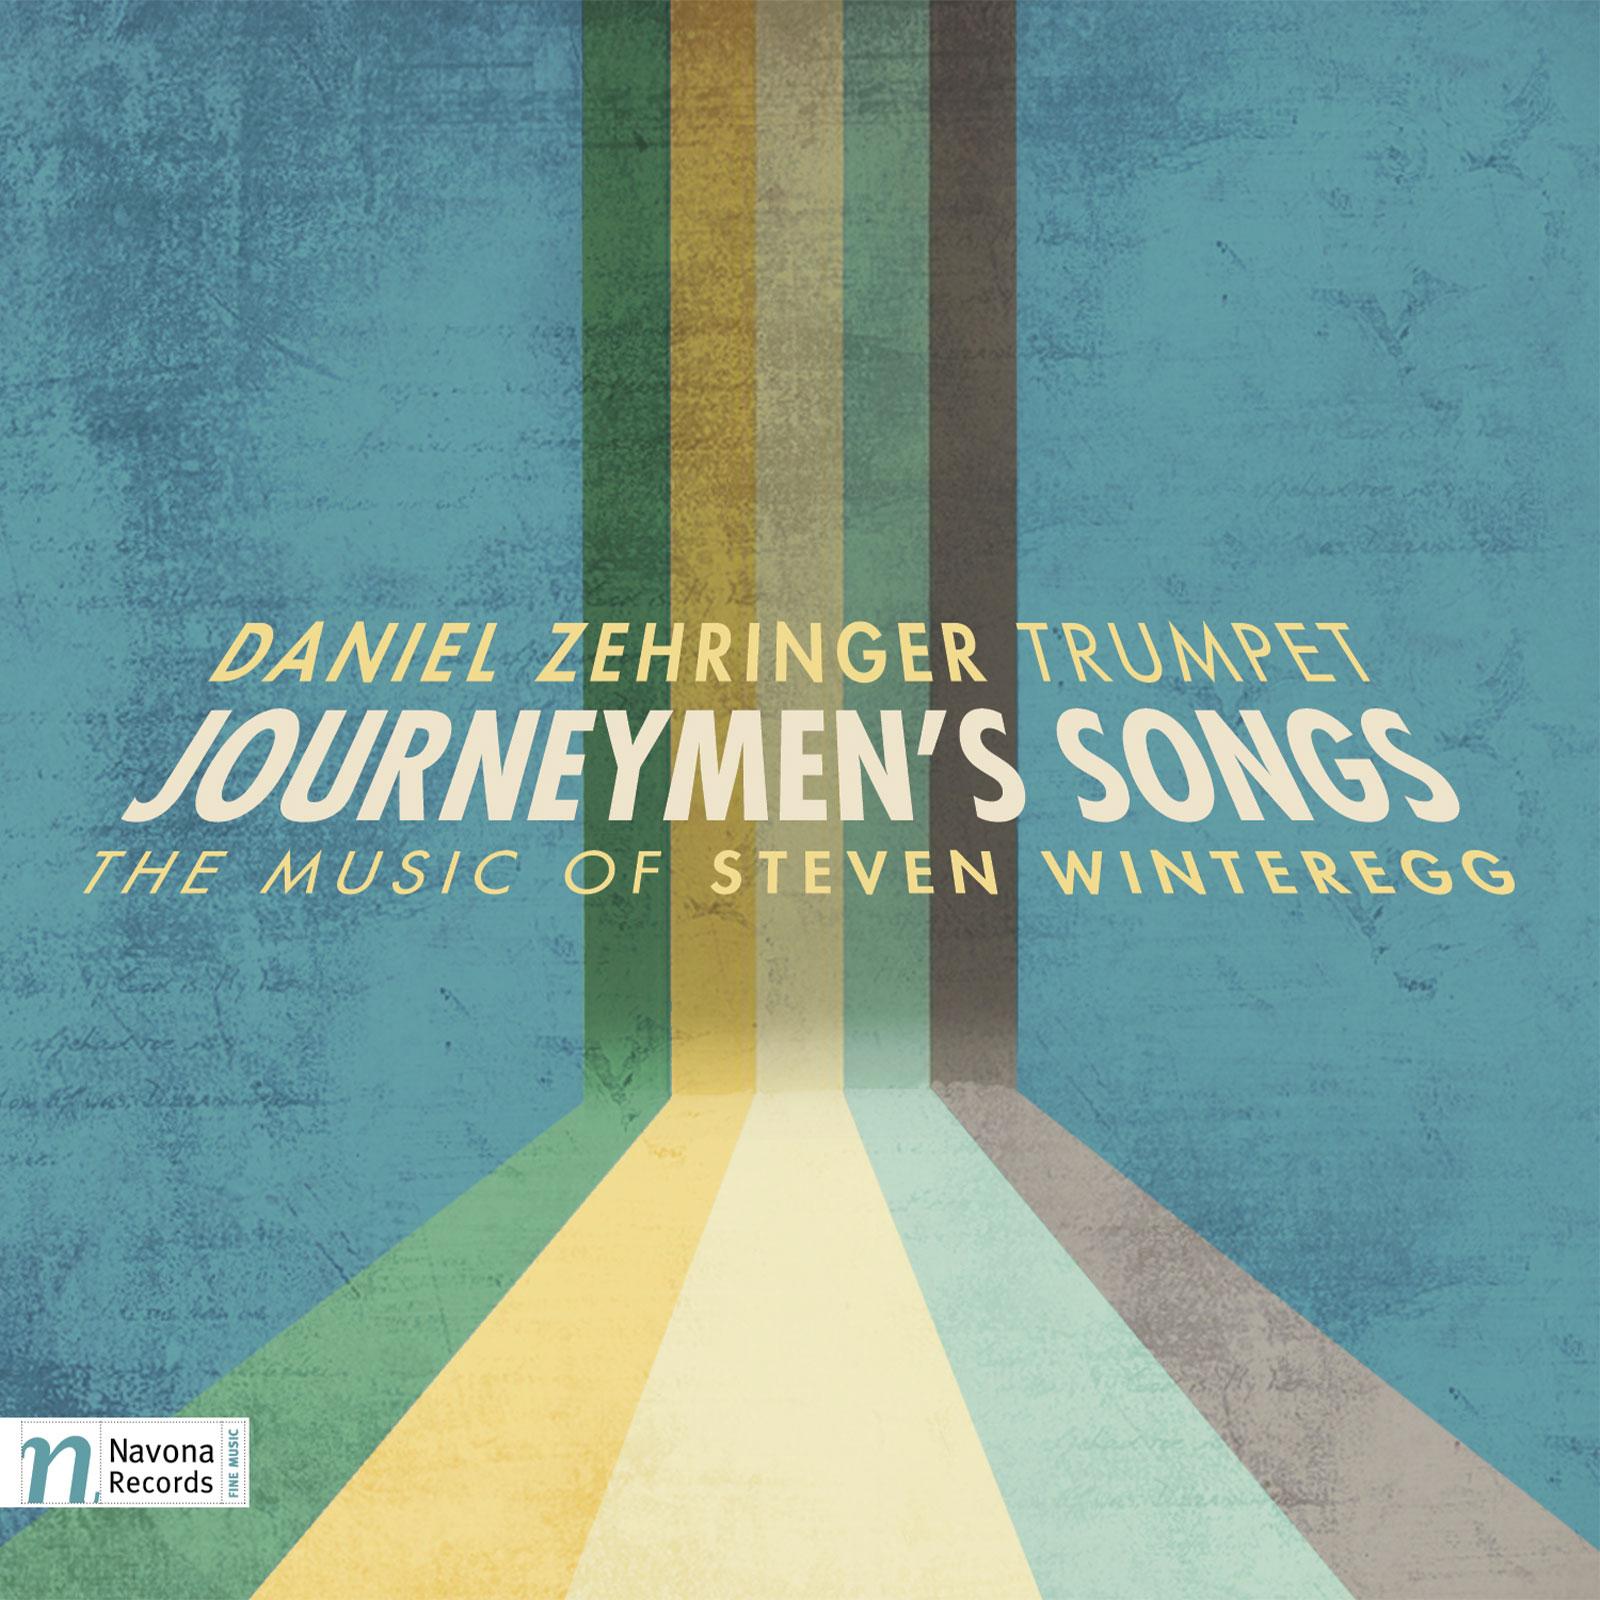 Journeymen's Songs